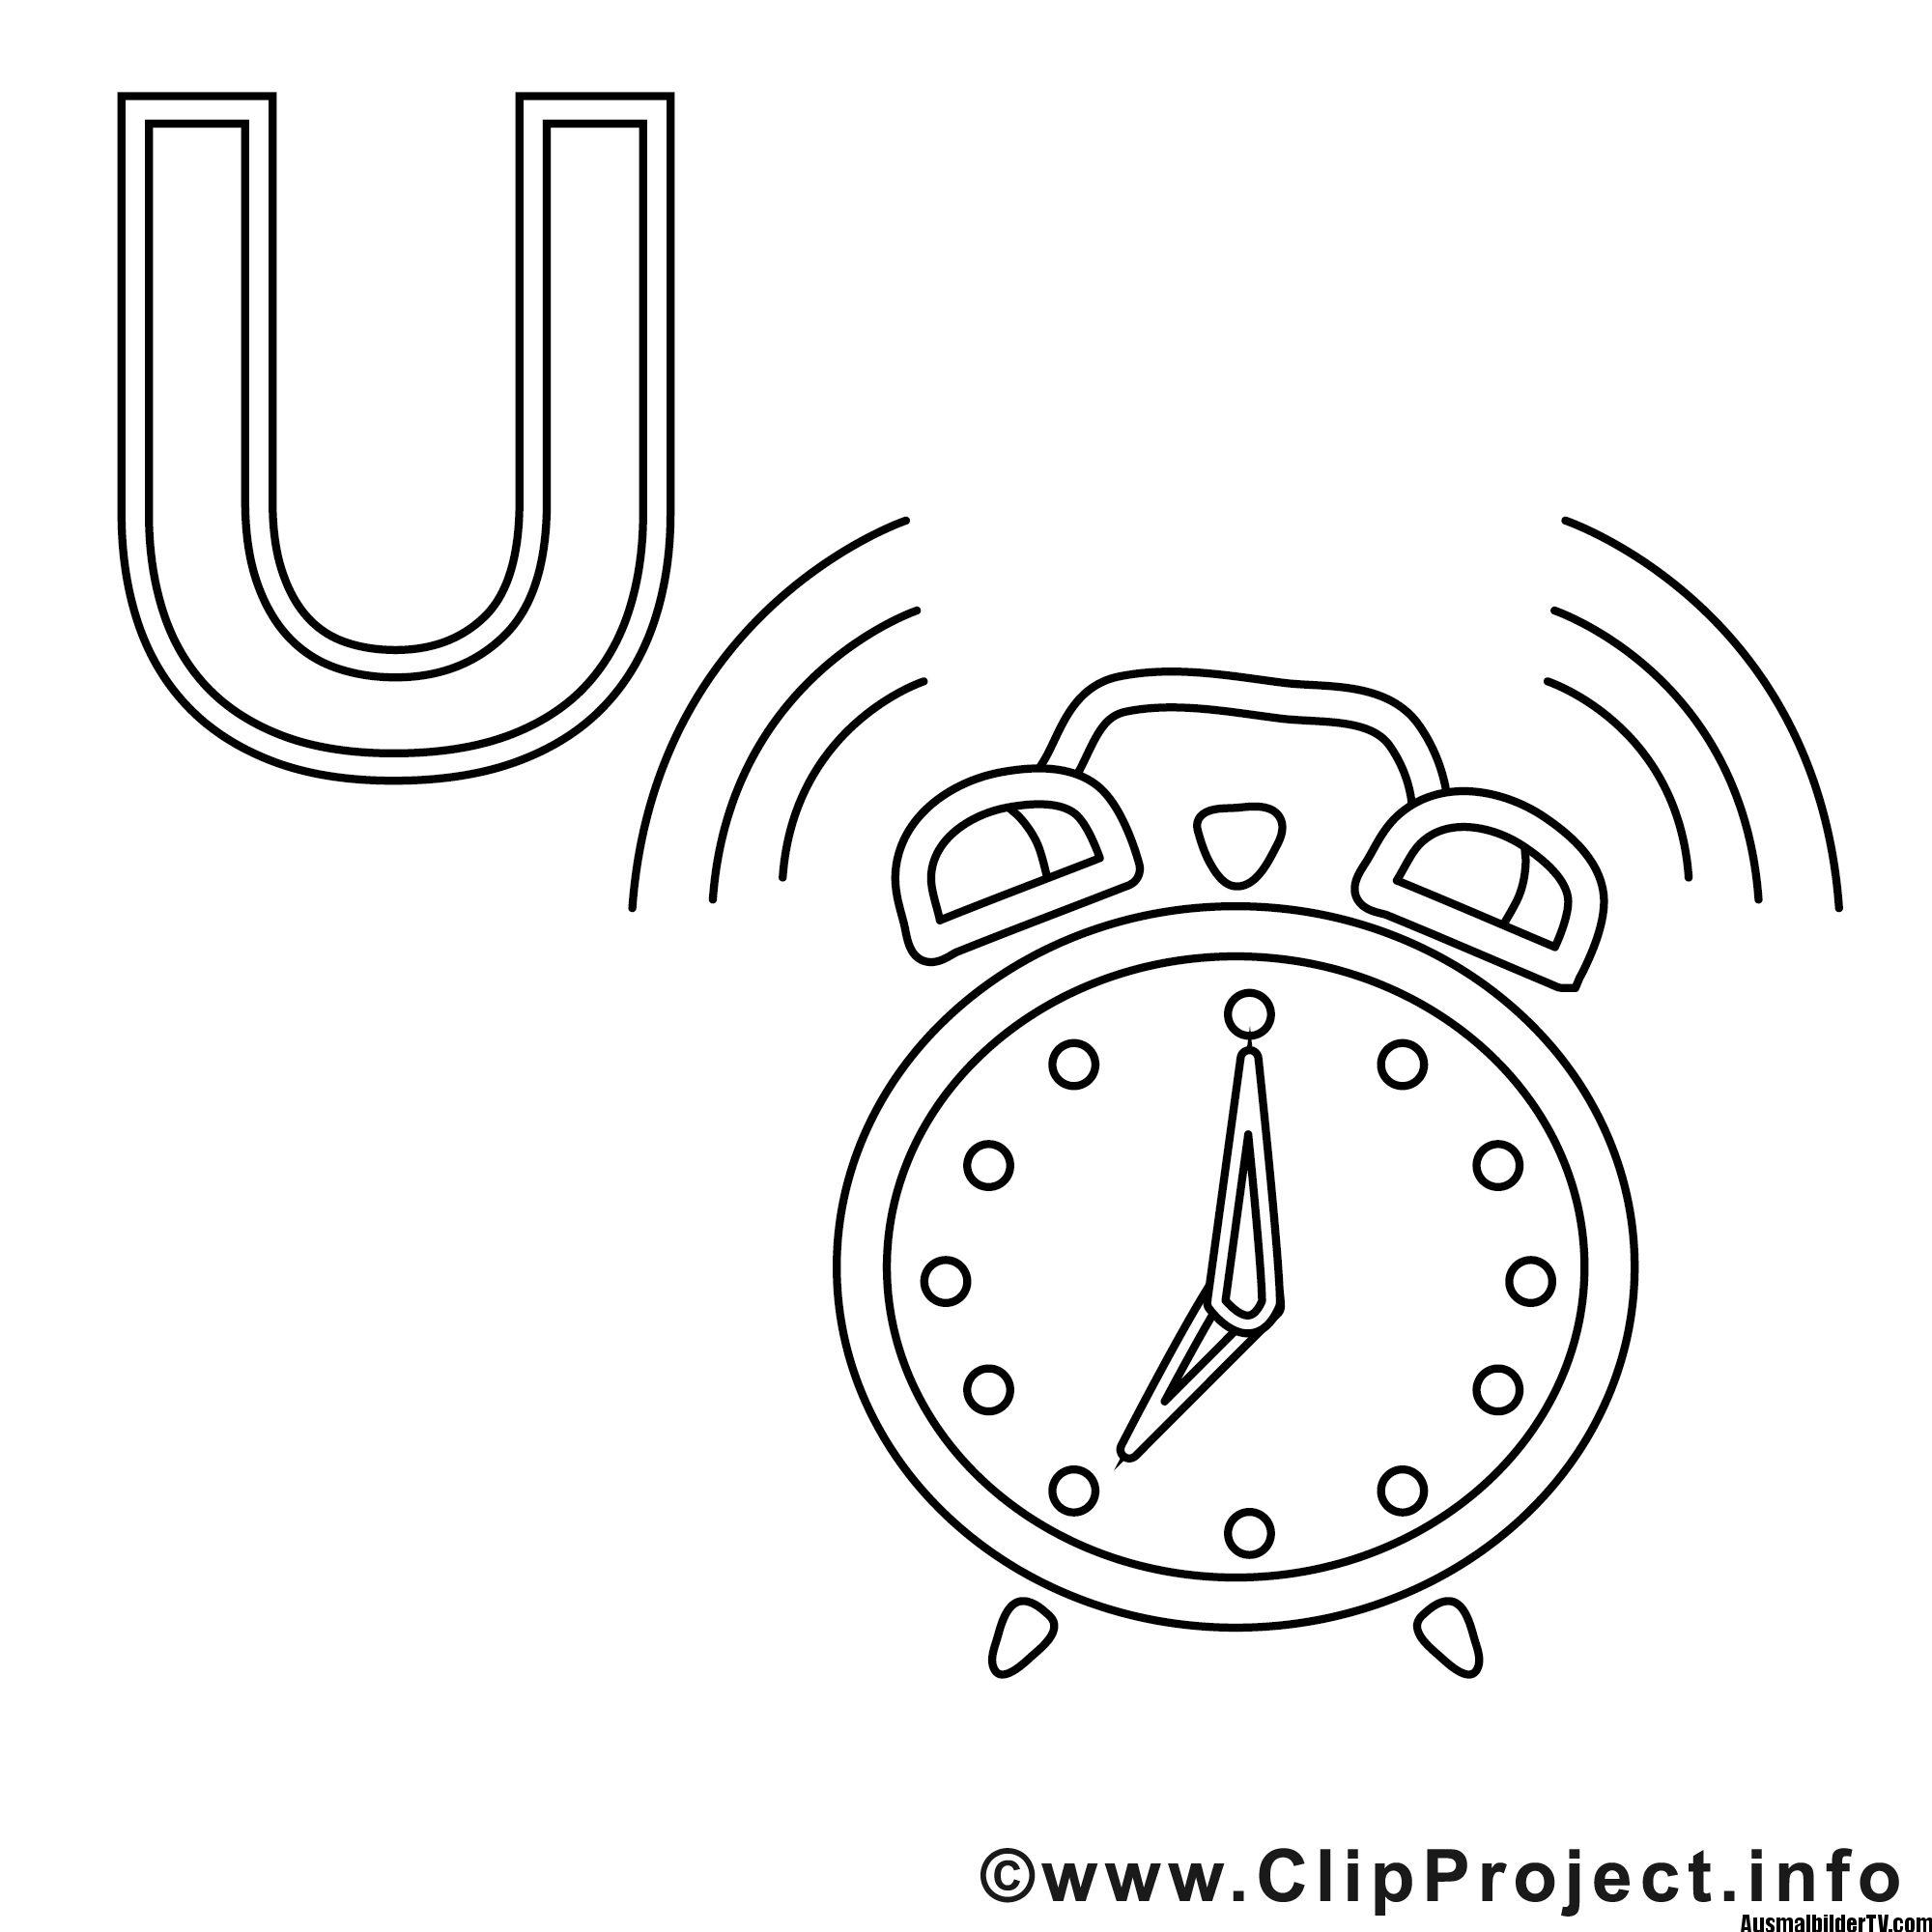 Uhr Ausmalbild - 1Ausmalbilder | Ausmalen, Ausmalbilder bei Ausmalbilder Uhr Vorlagen